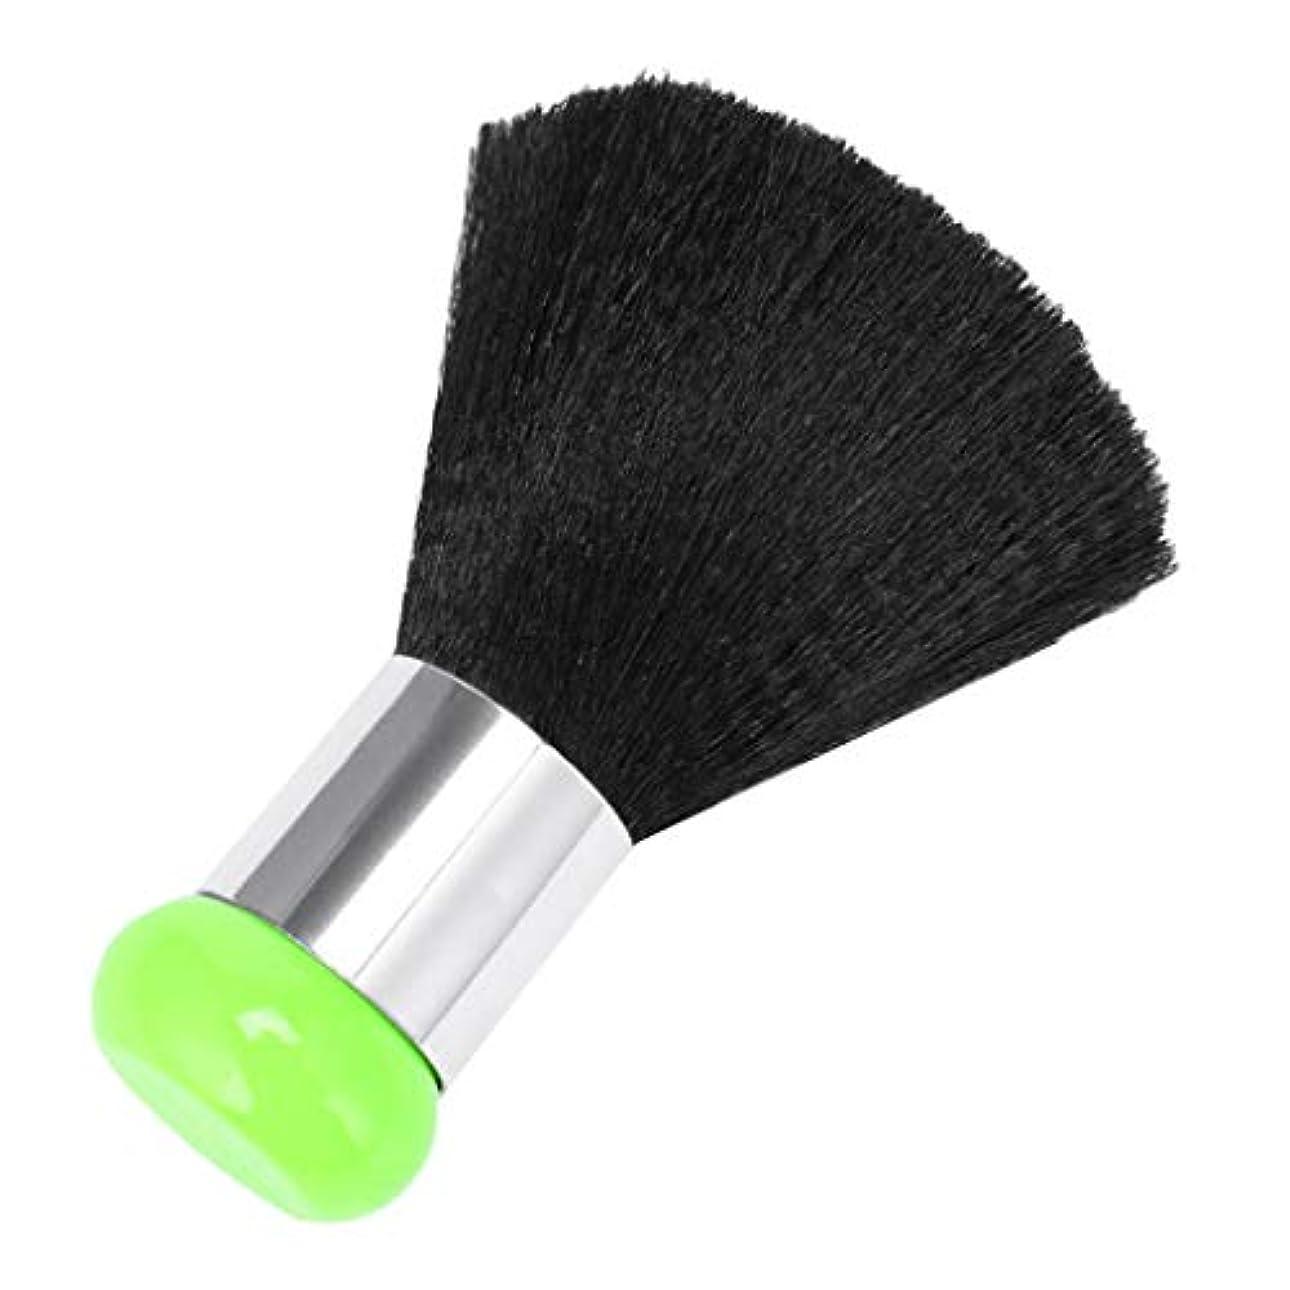 バイパスフェンス裸バーバーネックダスタークリーニングブラシ、ヘアカット用ソフトクリーニングフェイスブラシ - 緑